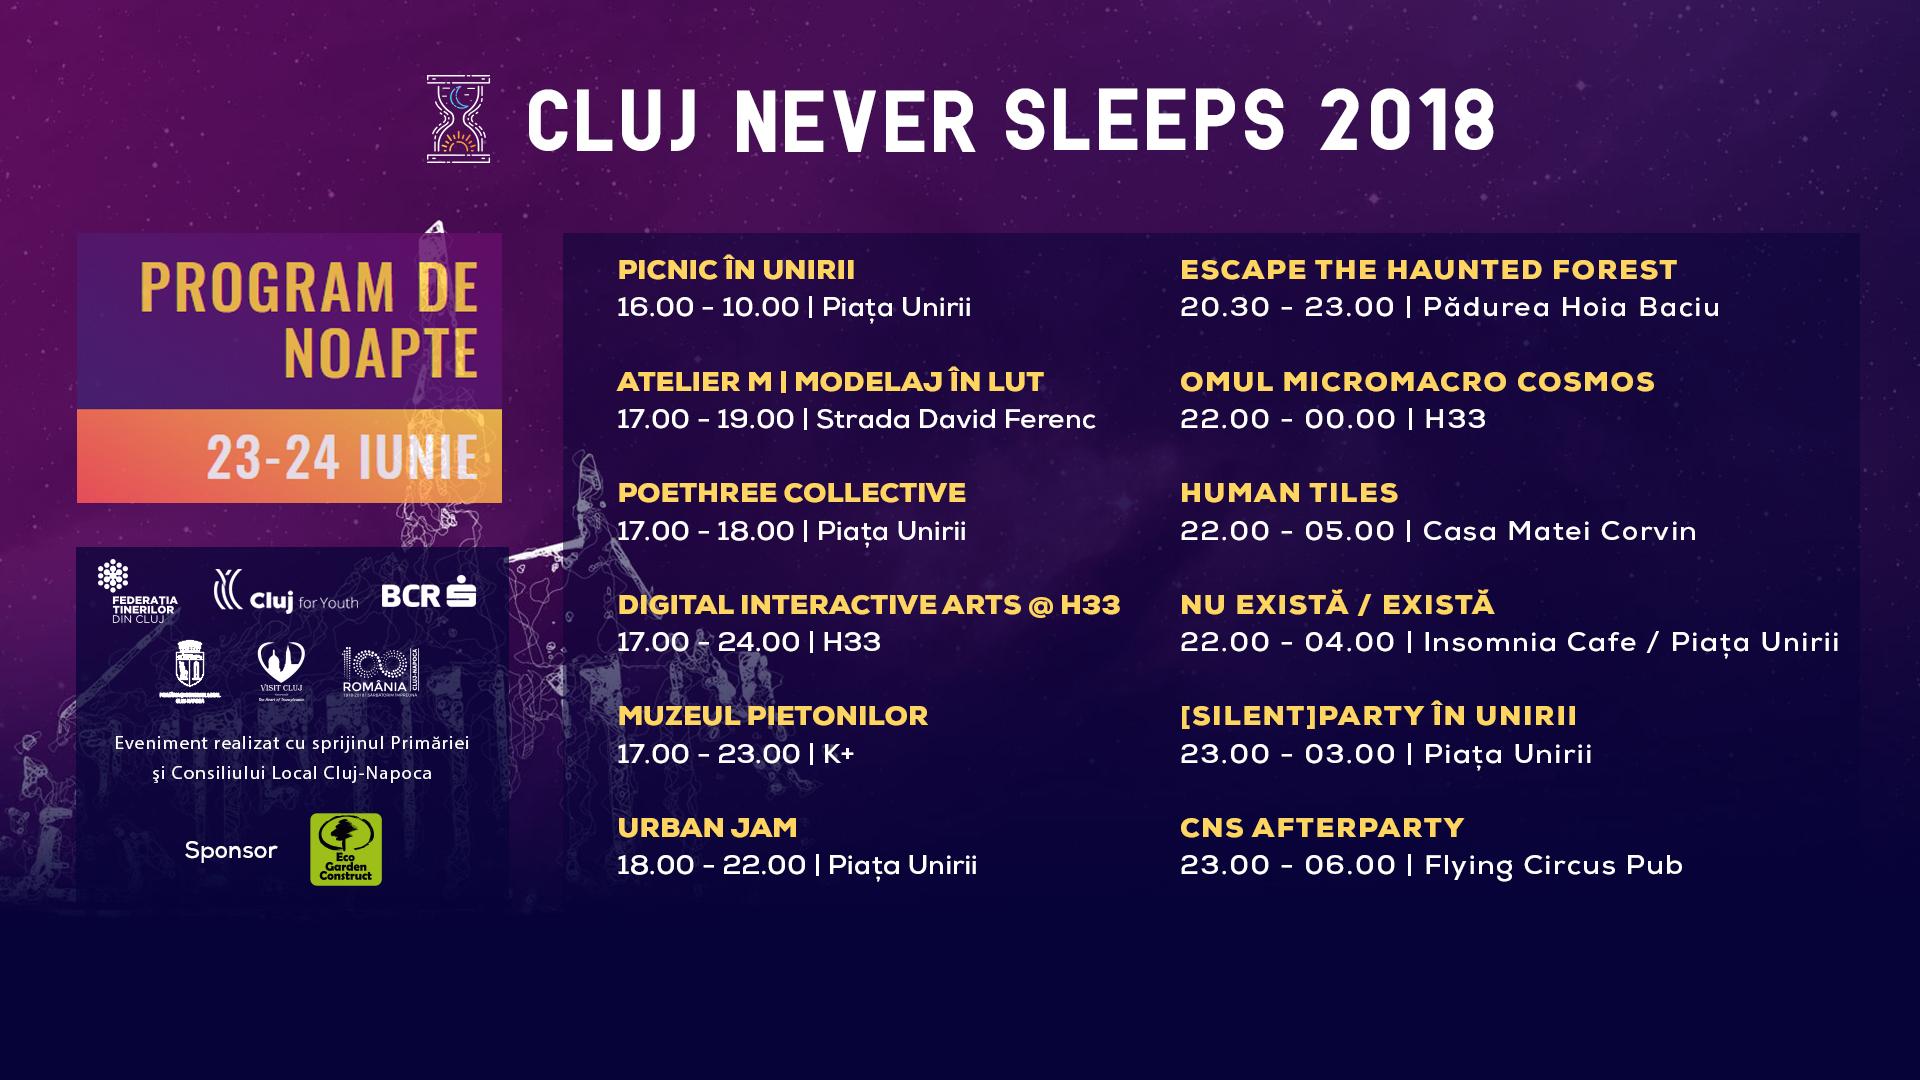 """Maraton de evenimente în """"noaptea altă"""" a culturii, la Cluj Never Sleeps!"""